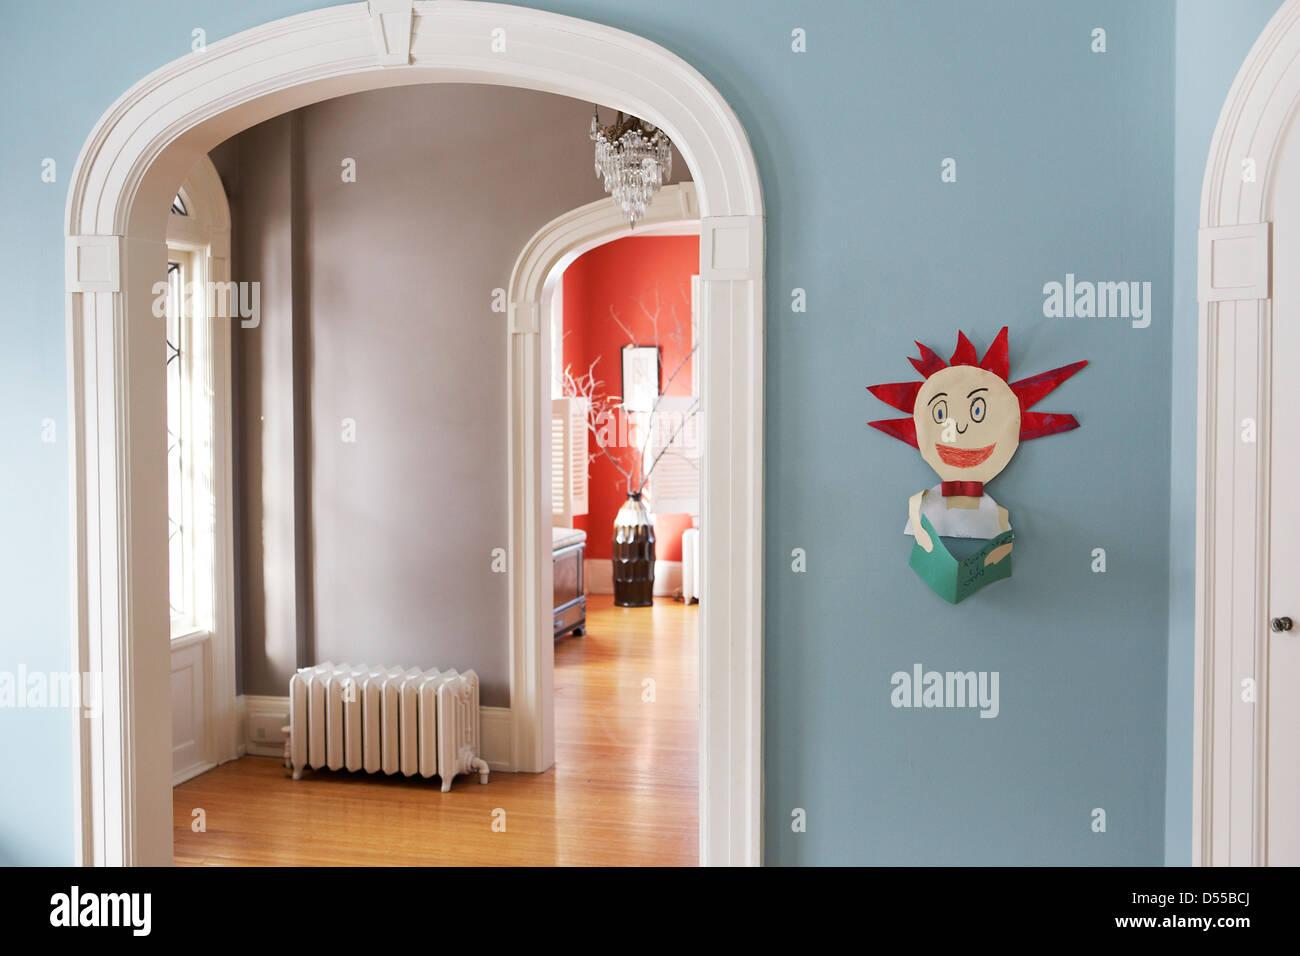 Obras de arte da criança pendurar em casa elegante Imagens de Stock